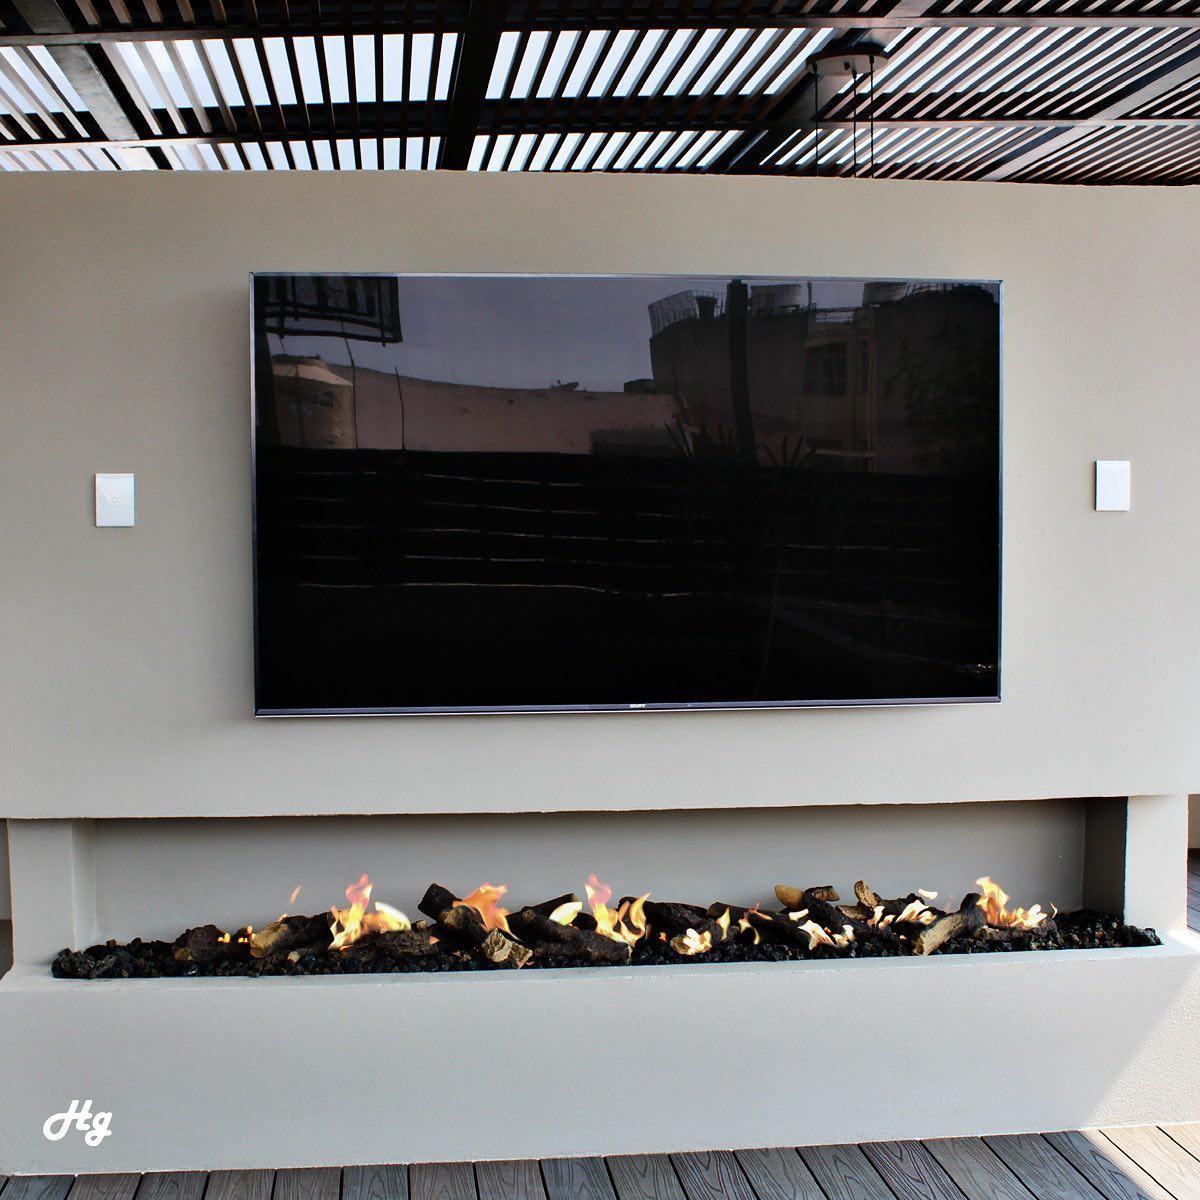 En Hg Fire utilizamos leños increíbles para darle aún más vida nuestras chimenea de gas!  #chimenea #diseñodeinteriores #sanantonioarchitecture #arquitectura #interiordesign #patiodecor #terrazas #diseñodeterrazas #firepit